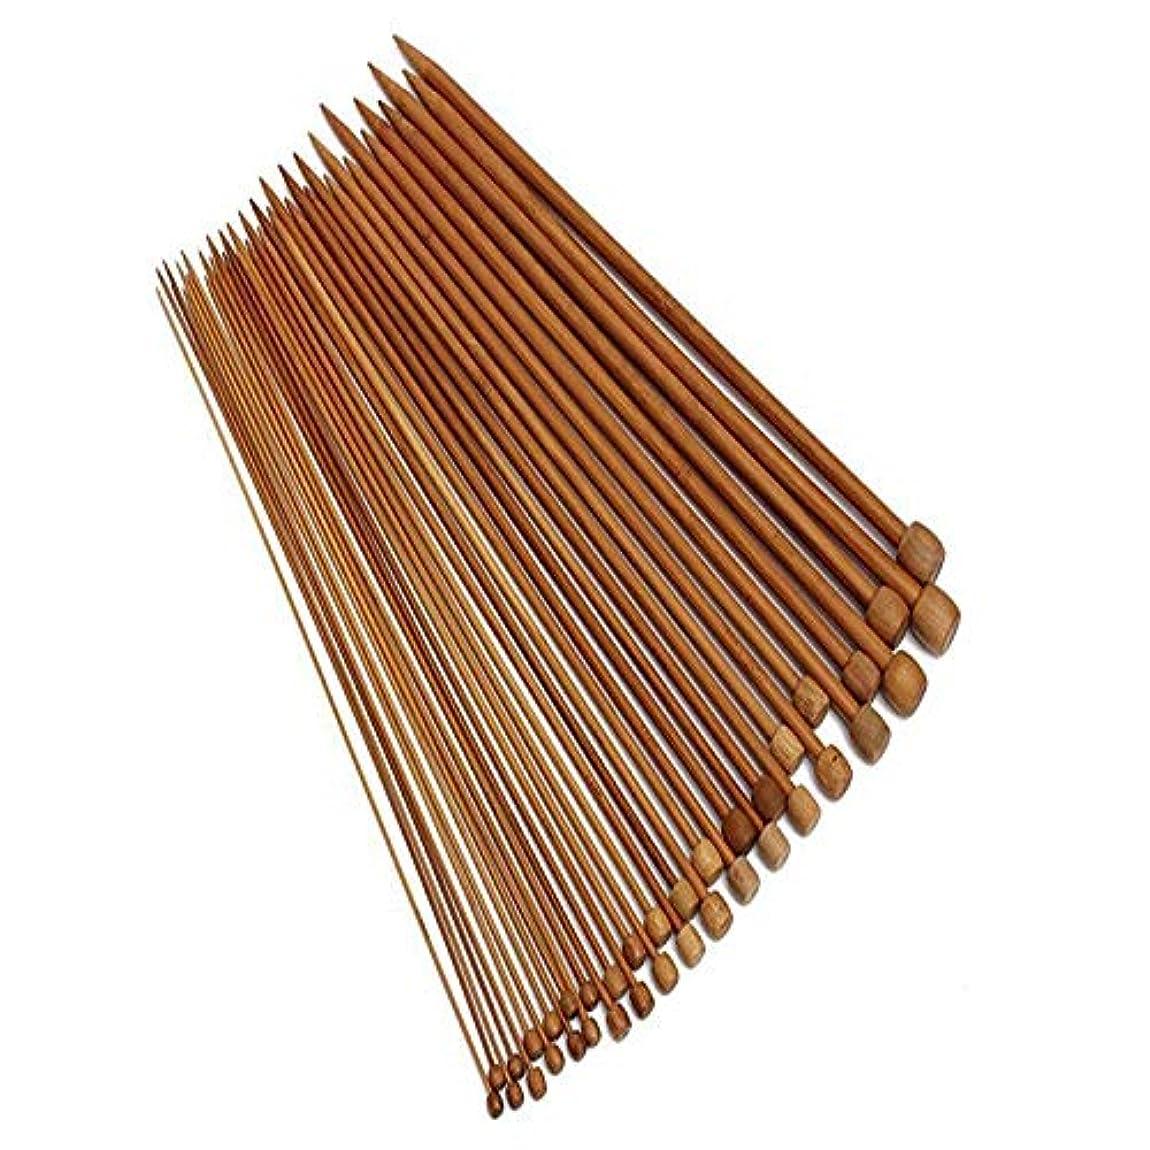 社会疑い機構竹針編み針編み針セット、一点炭化編み針、手作りクリエイティブDiyセータースカーフ編み物クラフトツール18